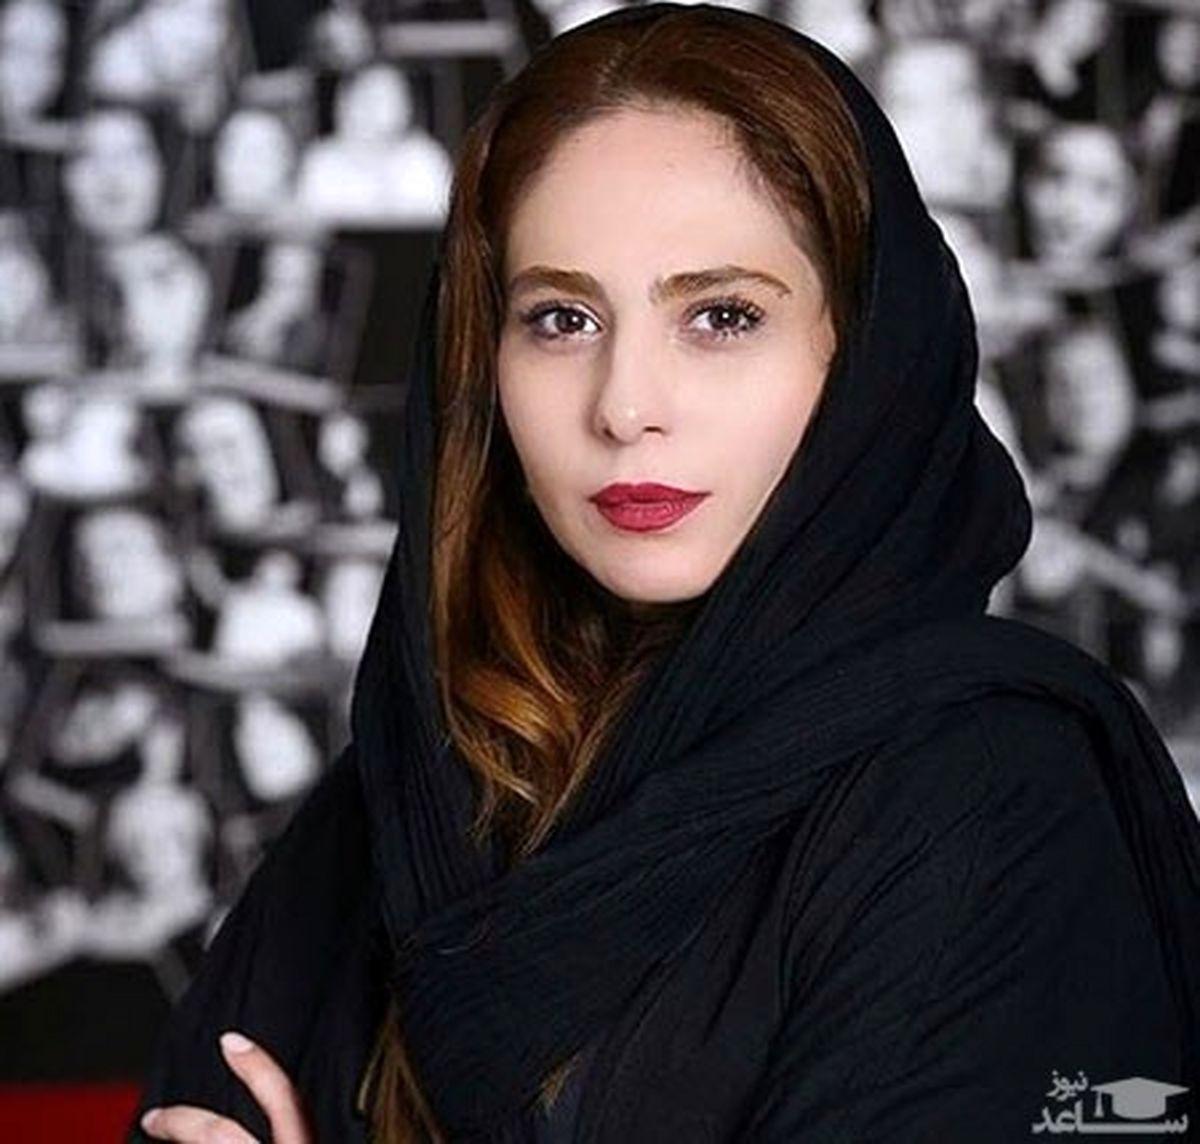 بیوگرافی رعنا ازادی ور و همسرش + عکس دونفره